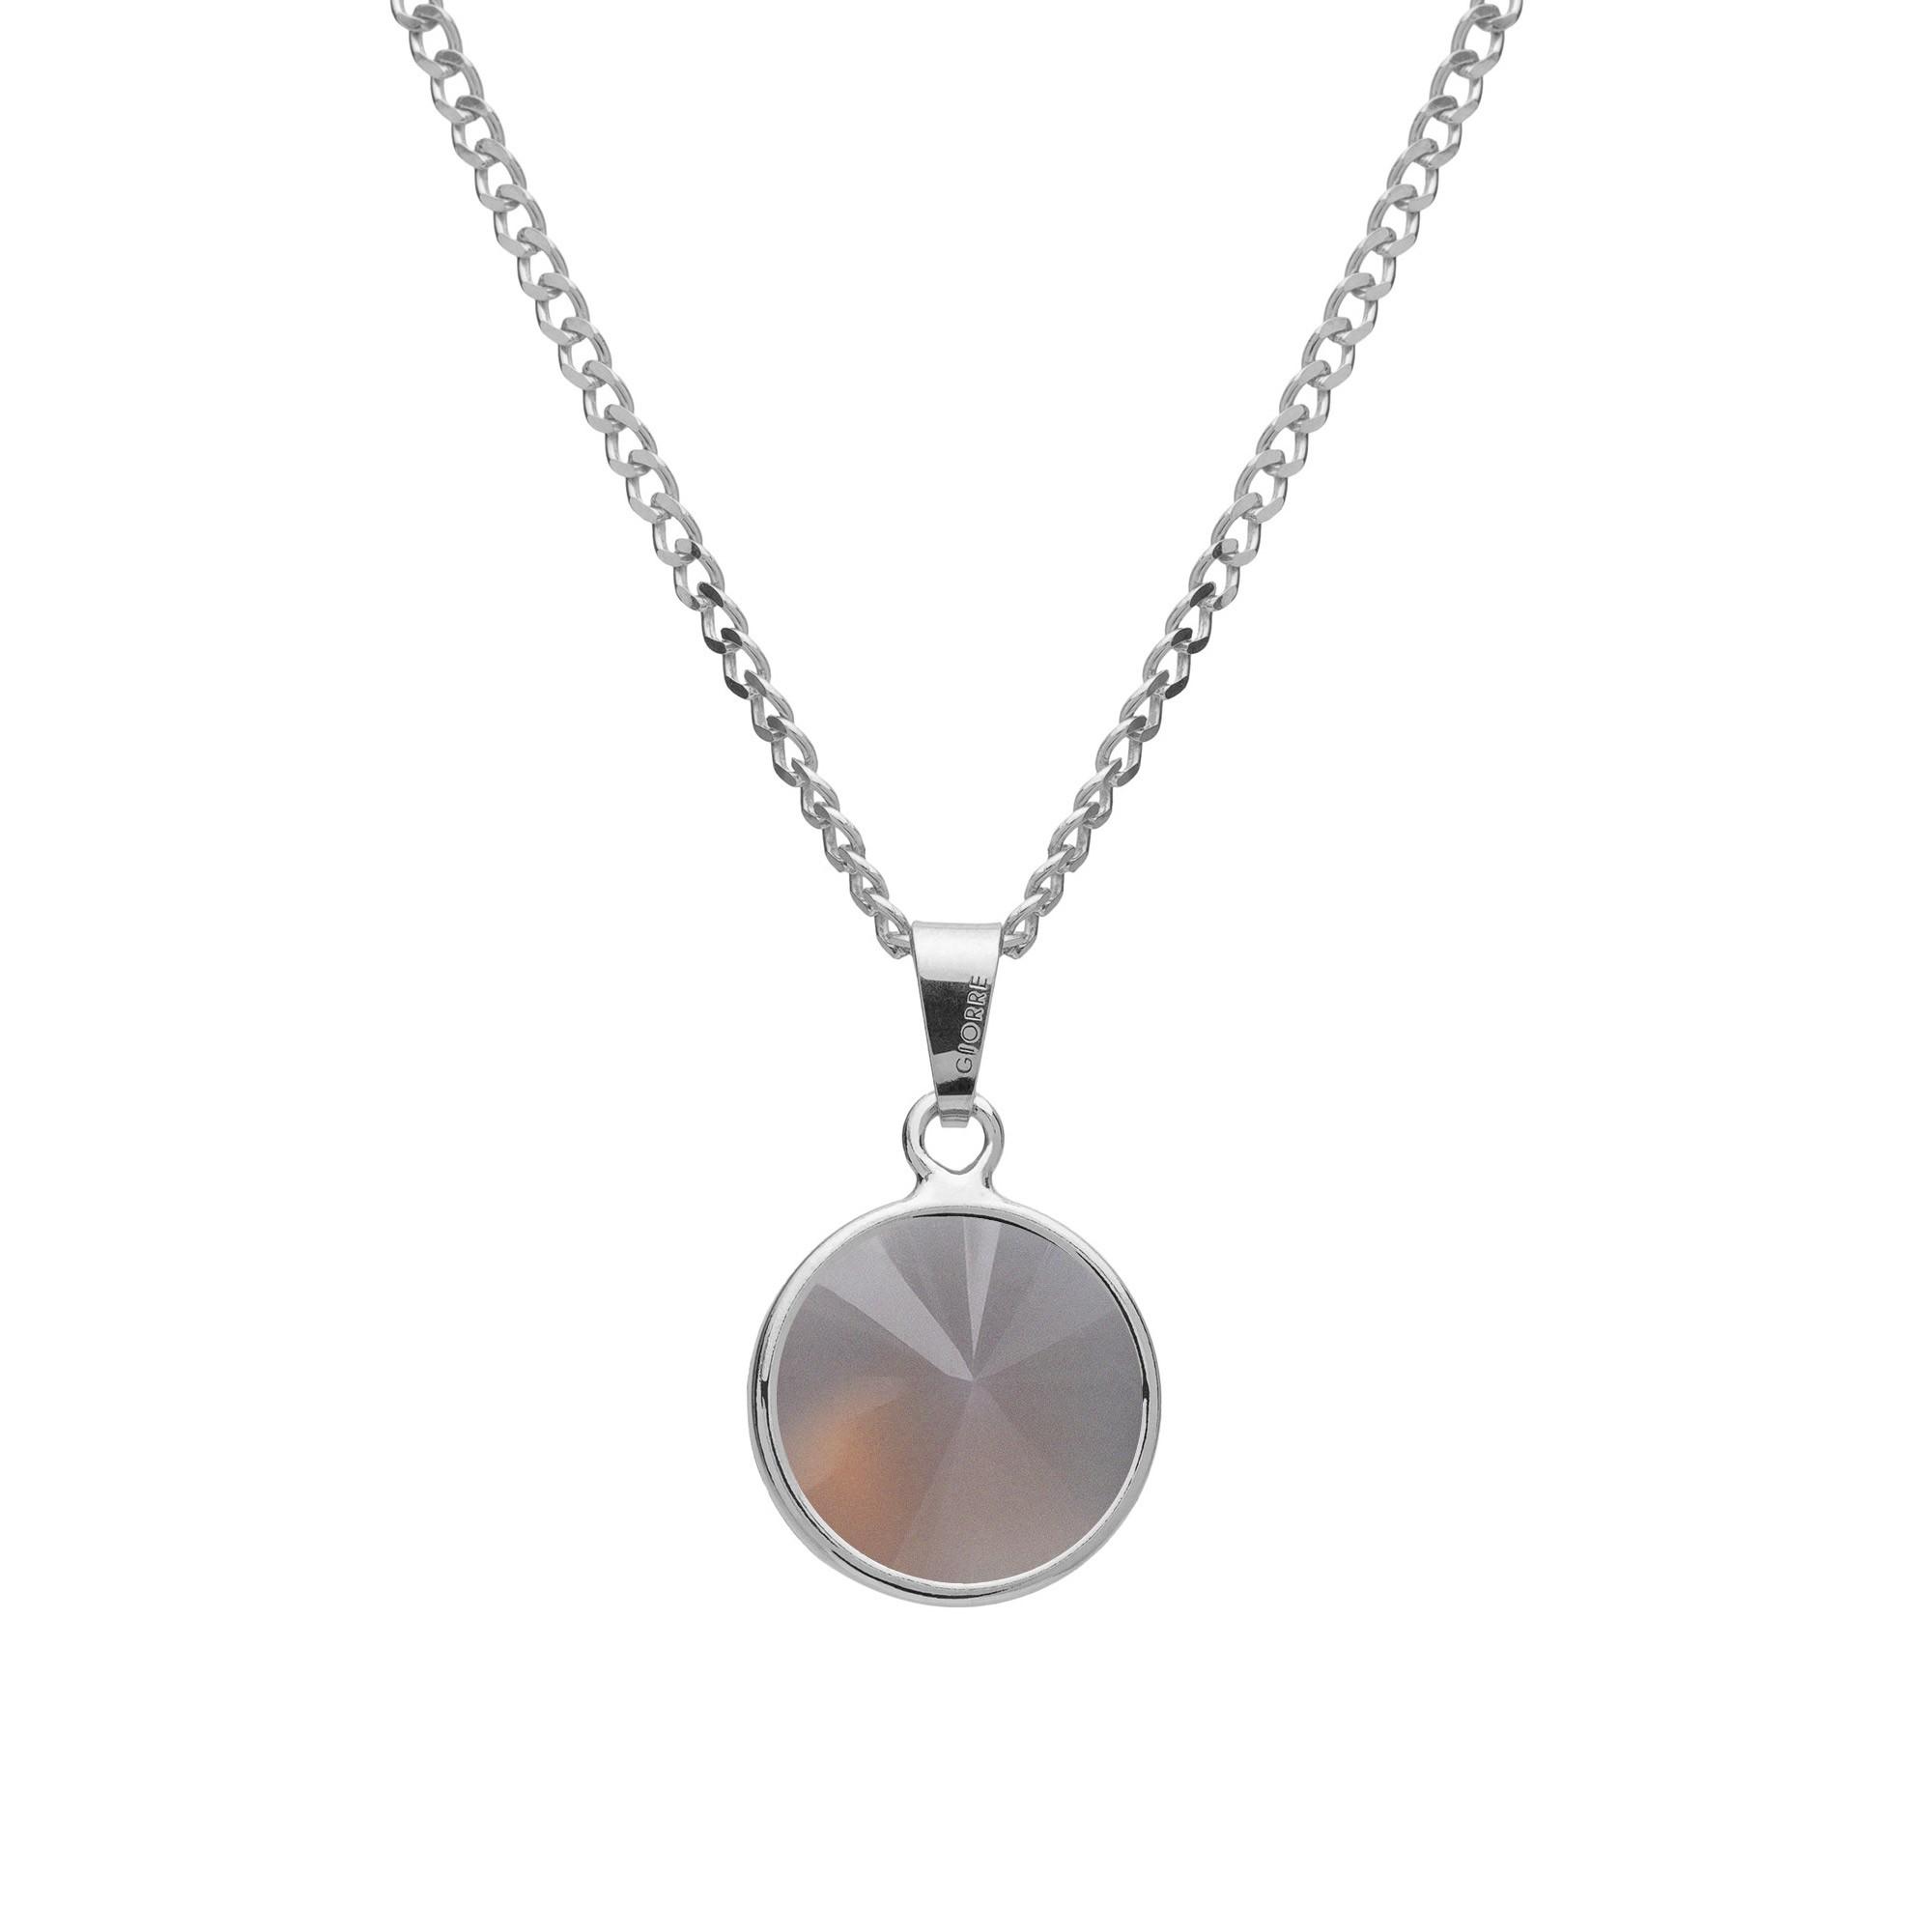 Srebrny naszyjnik z naturalnym kamieniem - kwarc dymiony srebro 925